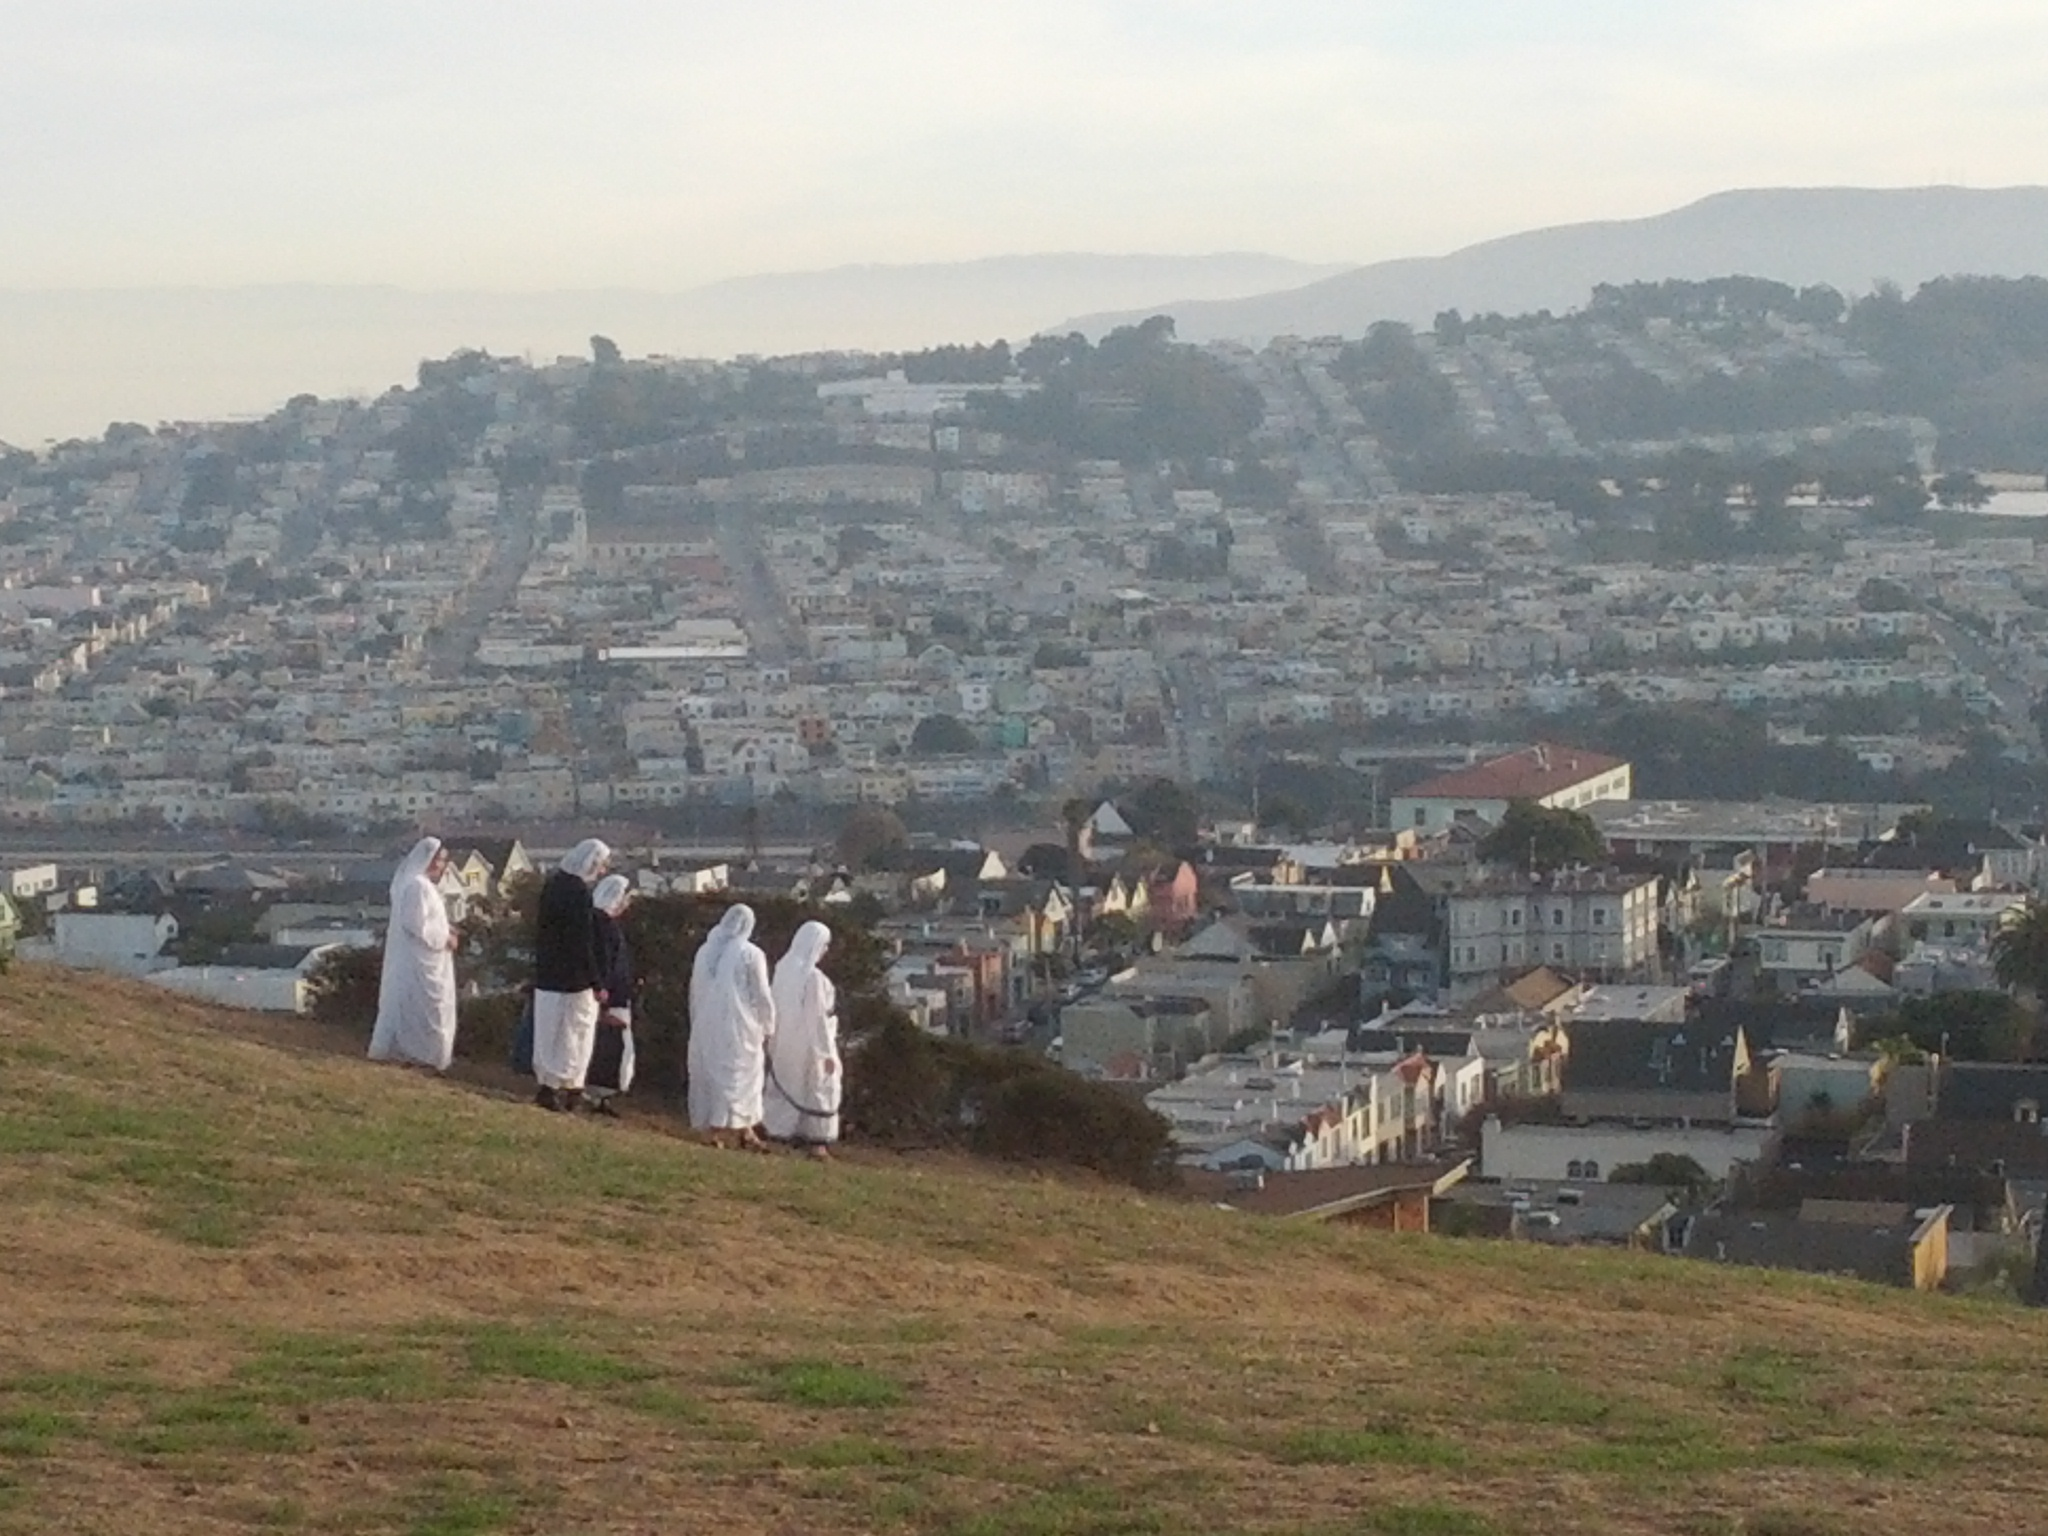 On top of Bernal Hill. Photo by Daniel Hirsch.